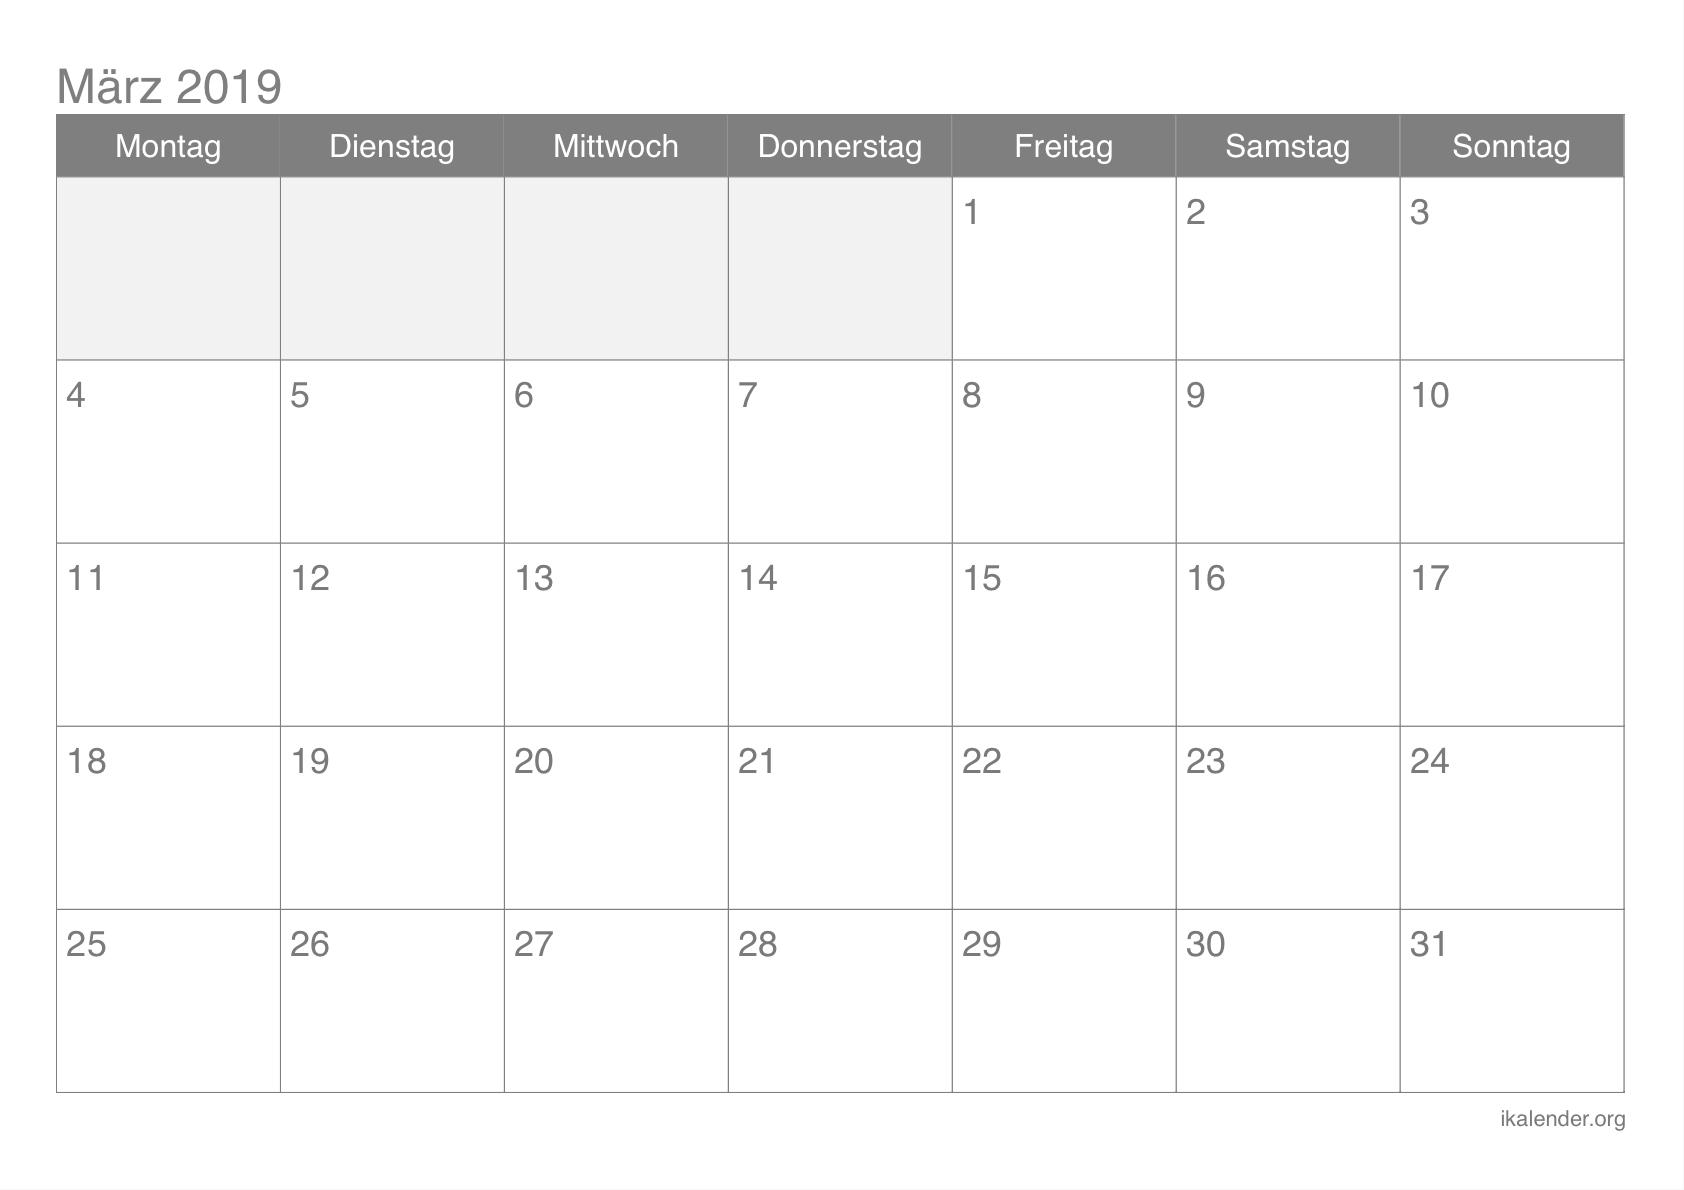 März-Kalender 2019 zum ausdrucken